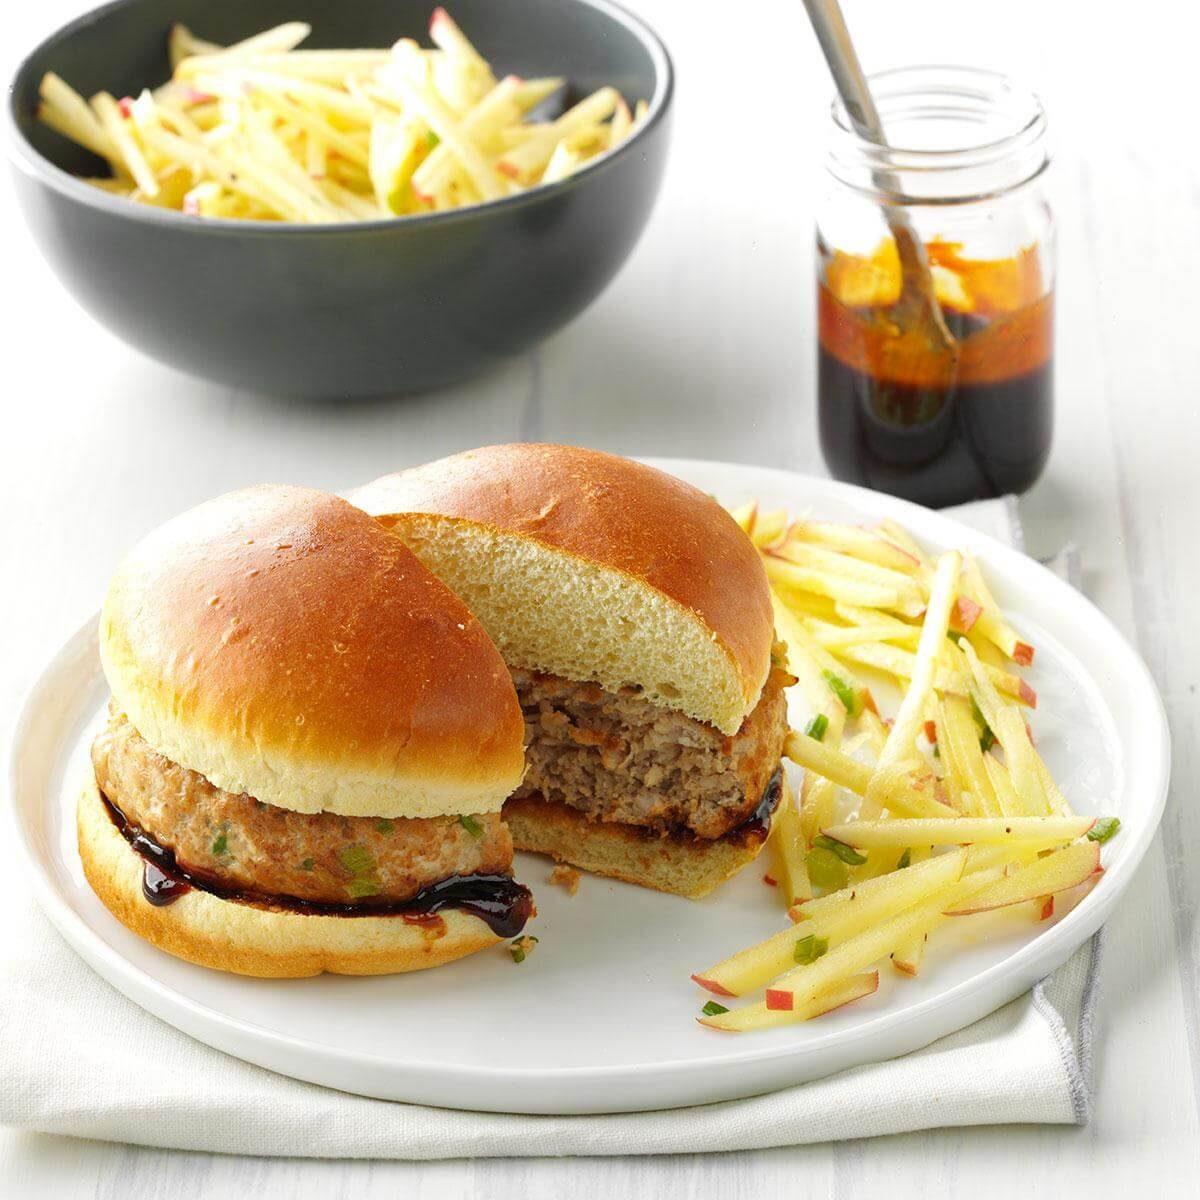 Test Kitchen Turkey Burger